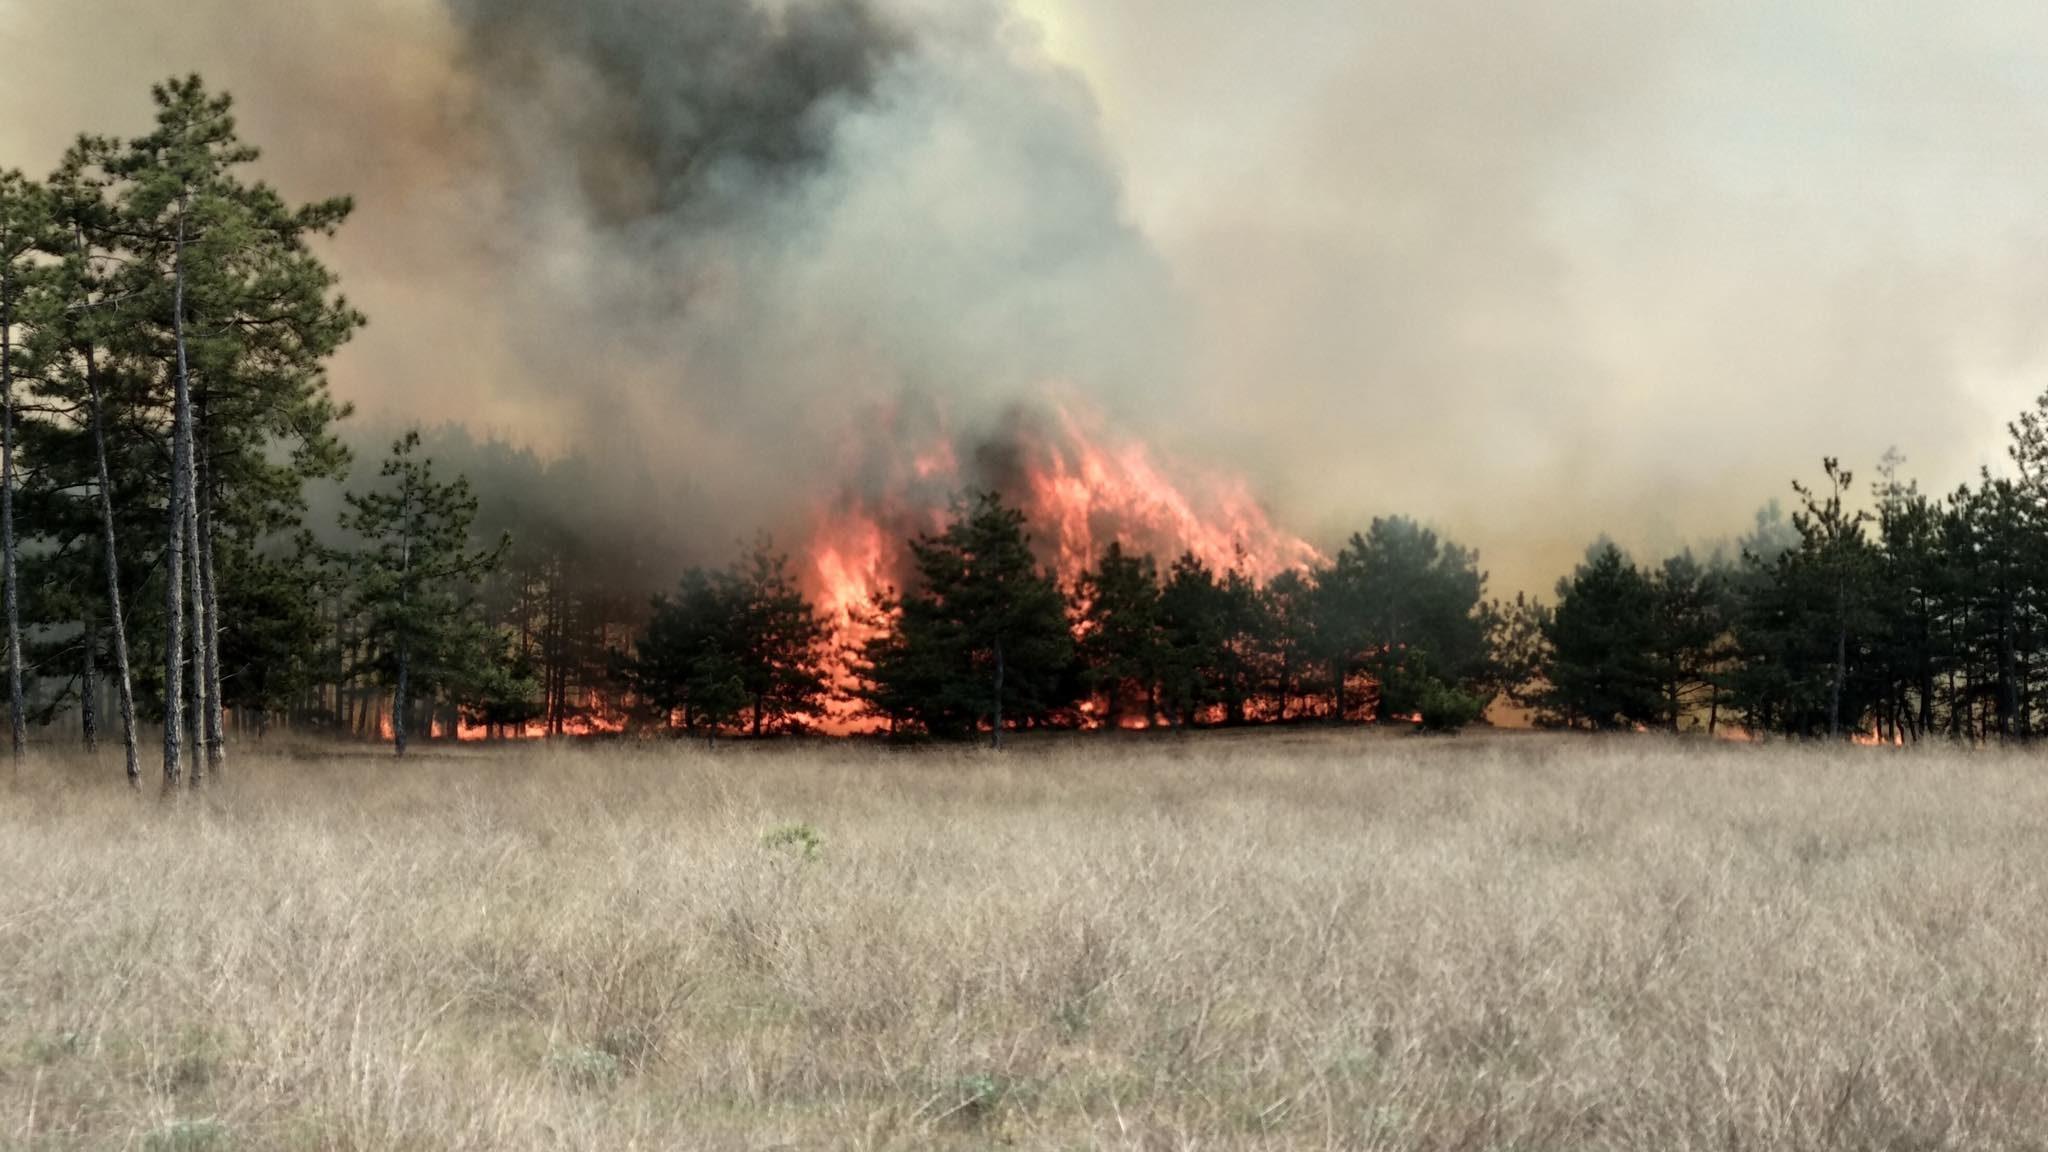 У Запорізькій області пожежа знищила 5 гектарів лісу: вогонь гасили 65 рятувальників, – ФОТО